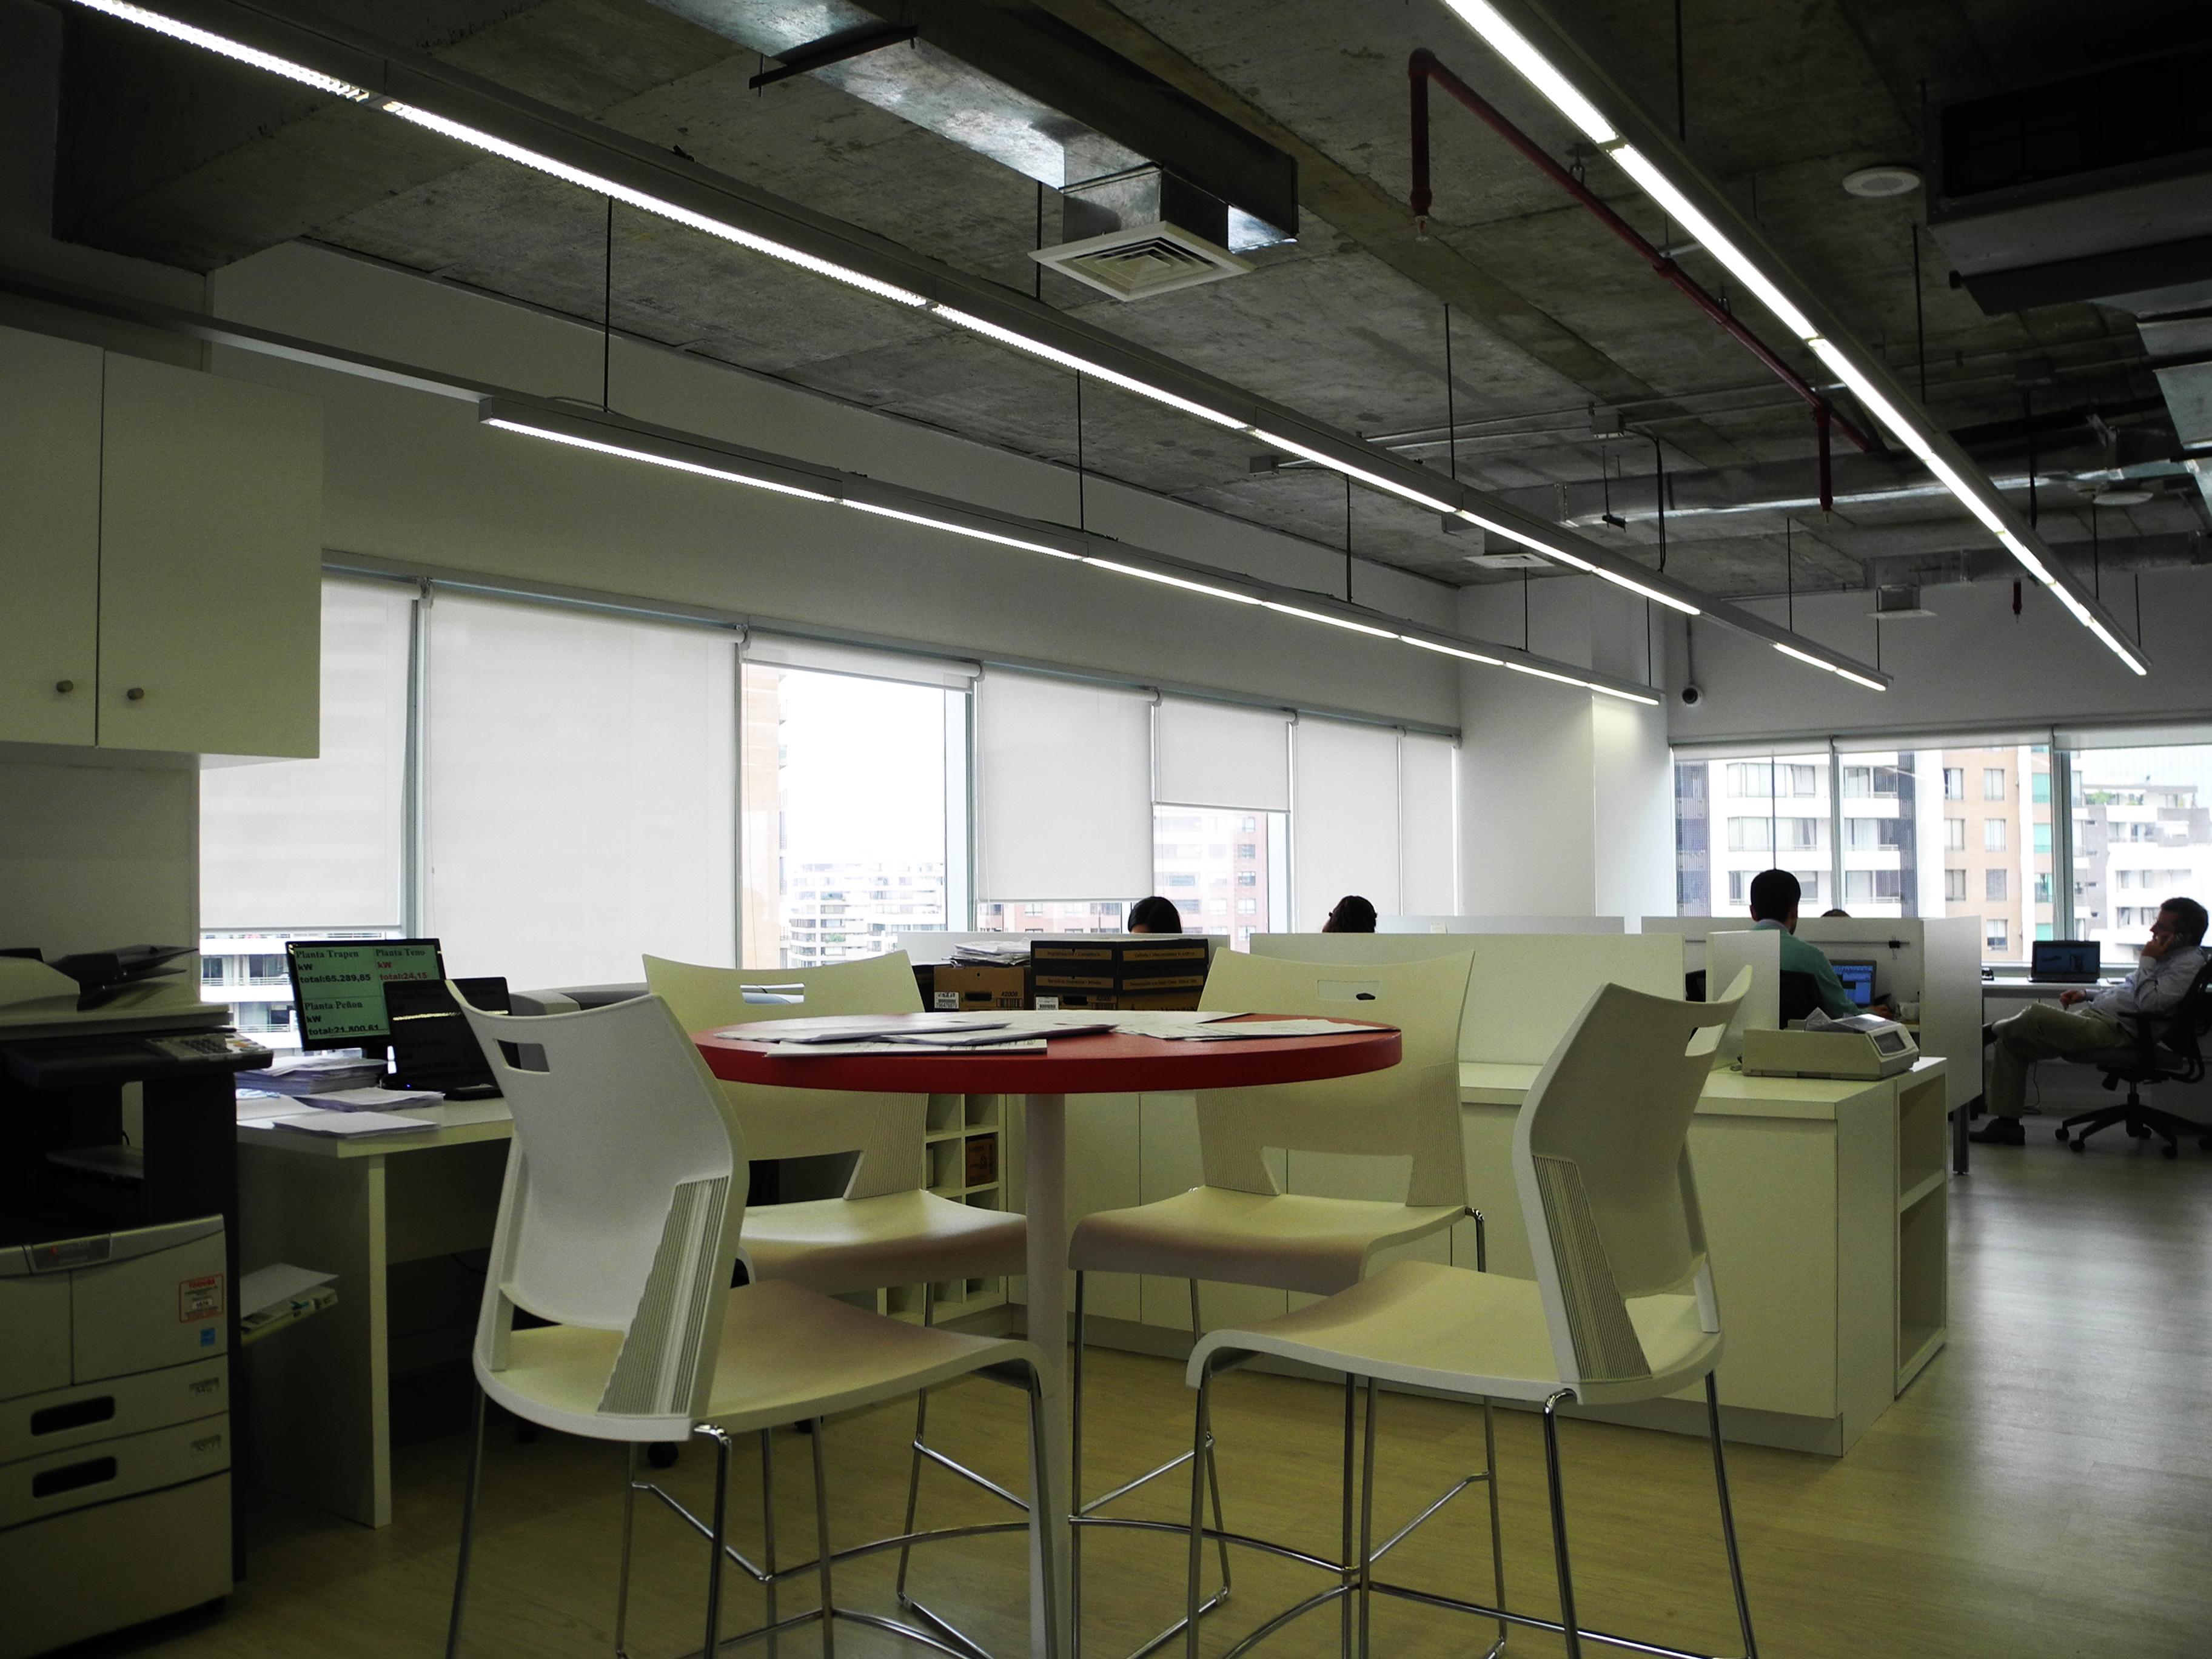 Oficina enlasa dimensionad arquitectura y decoraci n - Arquitectura y decoracion ...